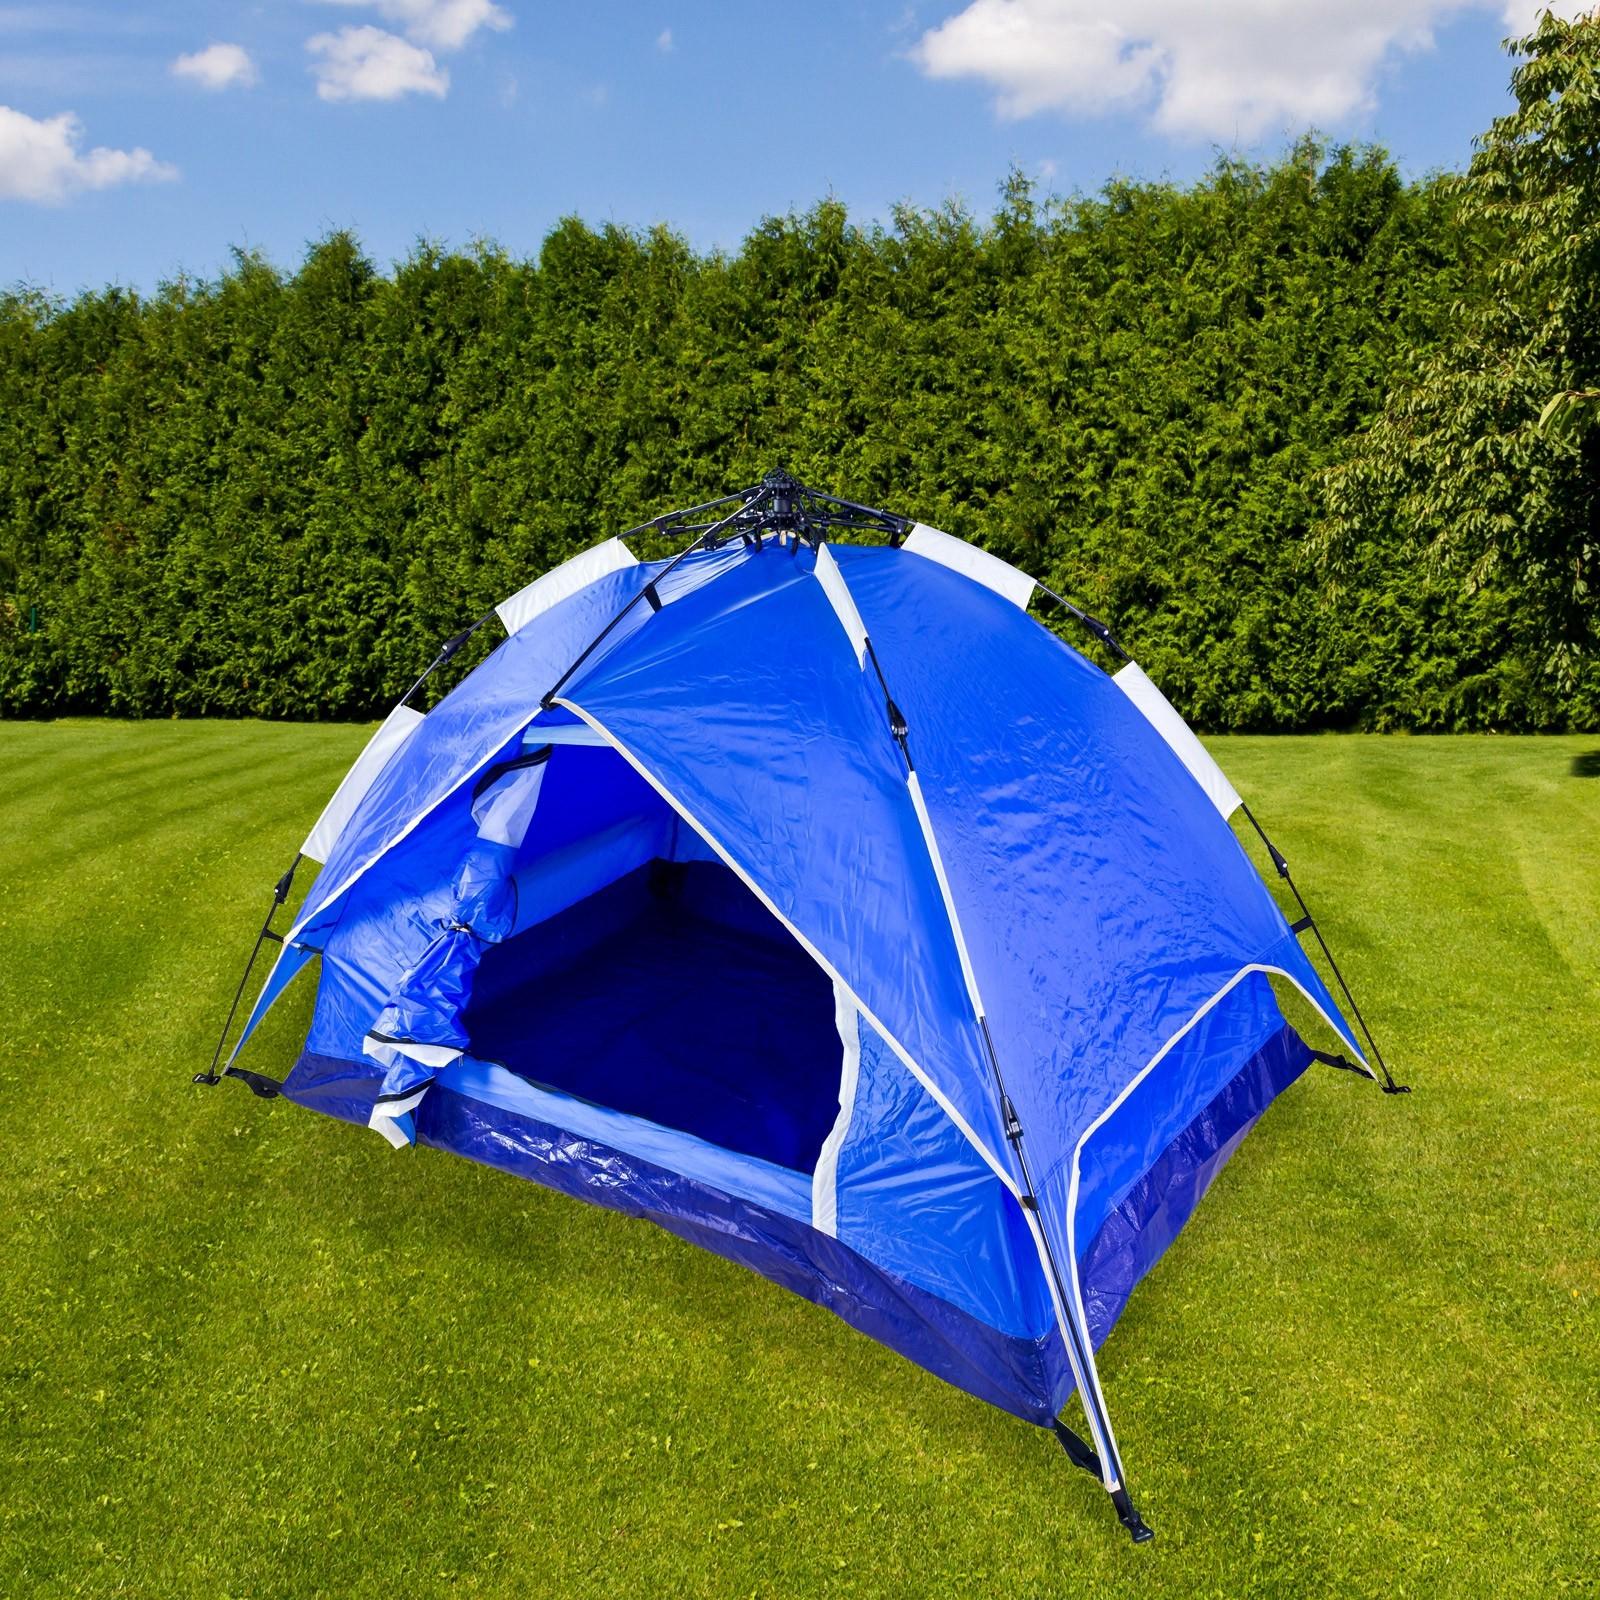 Dema Trekkingzelt Campingzelt Zelt Igluzelt Kuppelzelt für 2 Personen Tatra Blau 43243